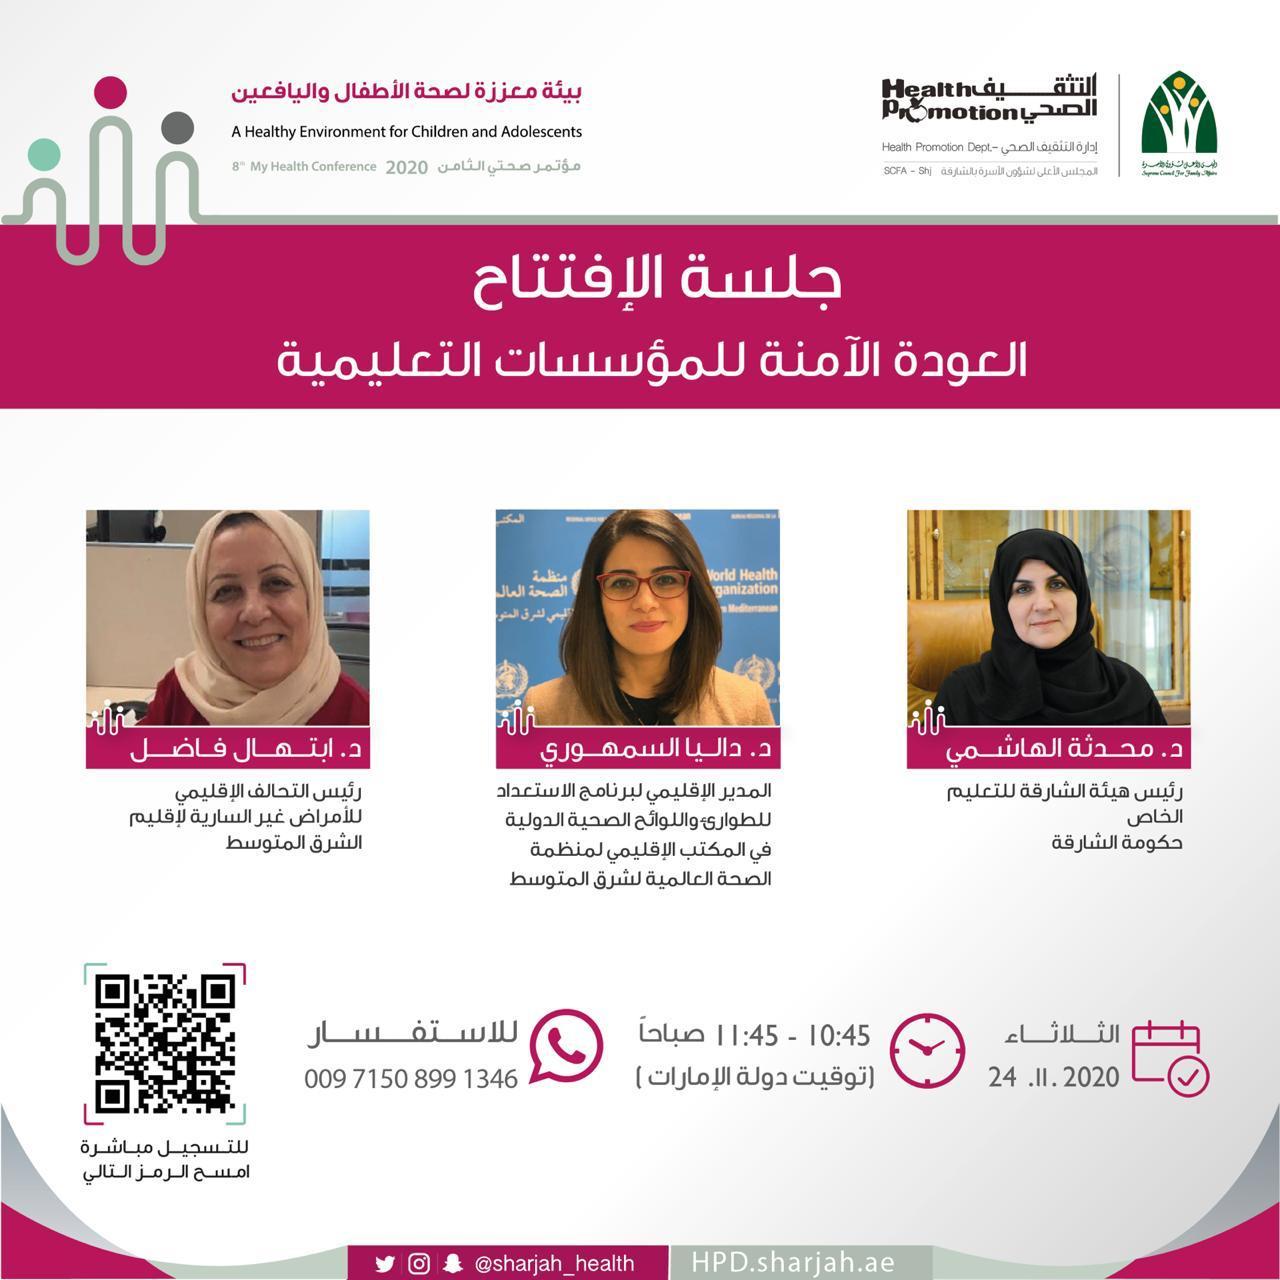 غدا .. انطلاق مؤتمر صحتي الدولي الثامن بمشاركة كبريات المؤسسات الصحية العالمية